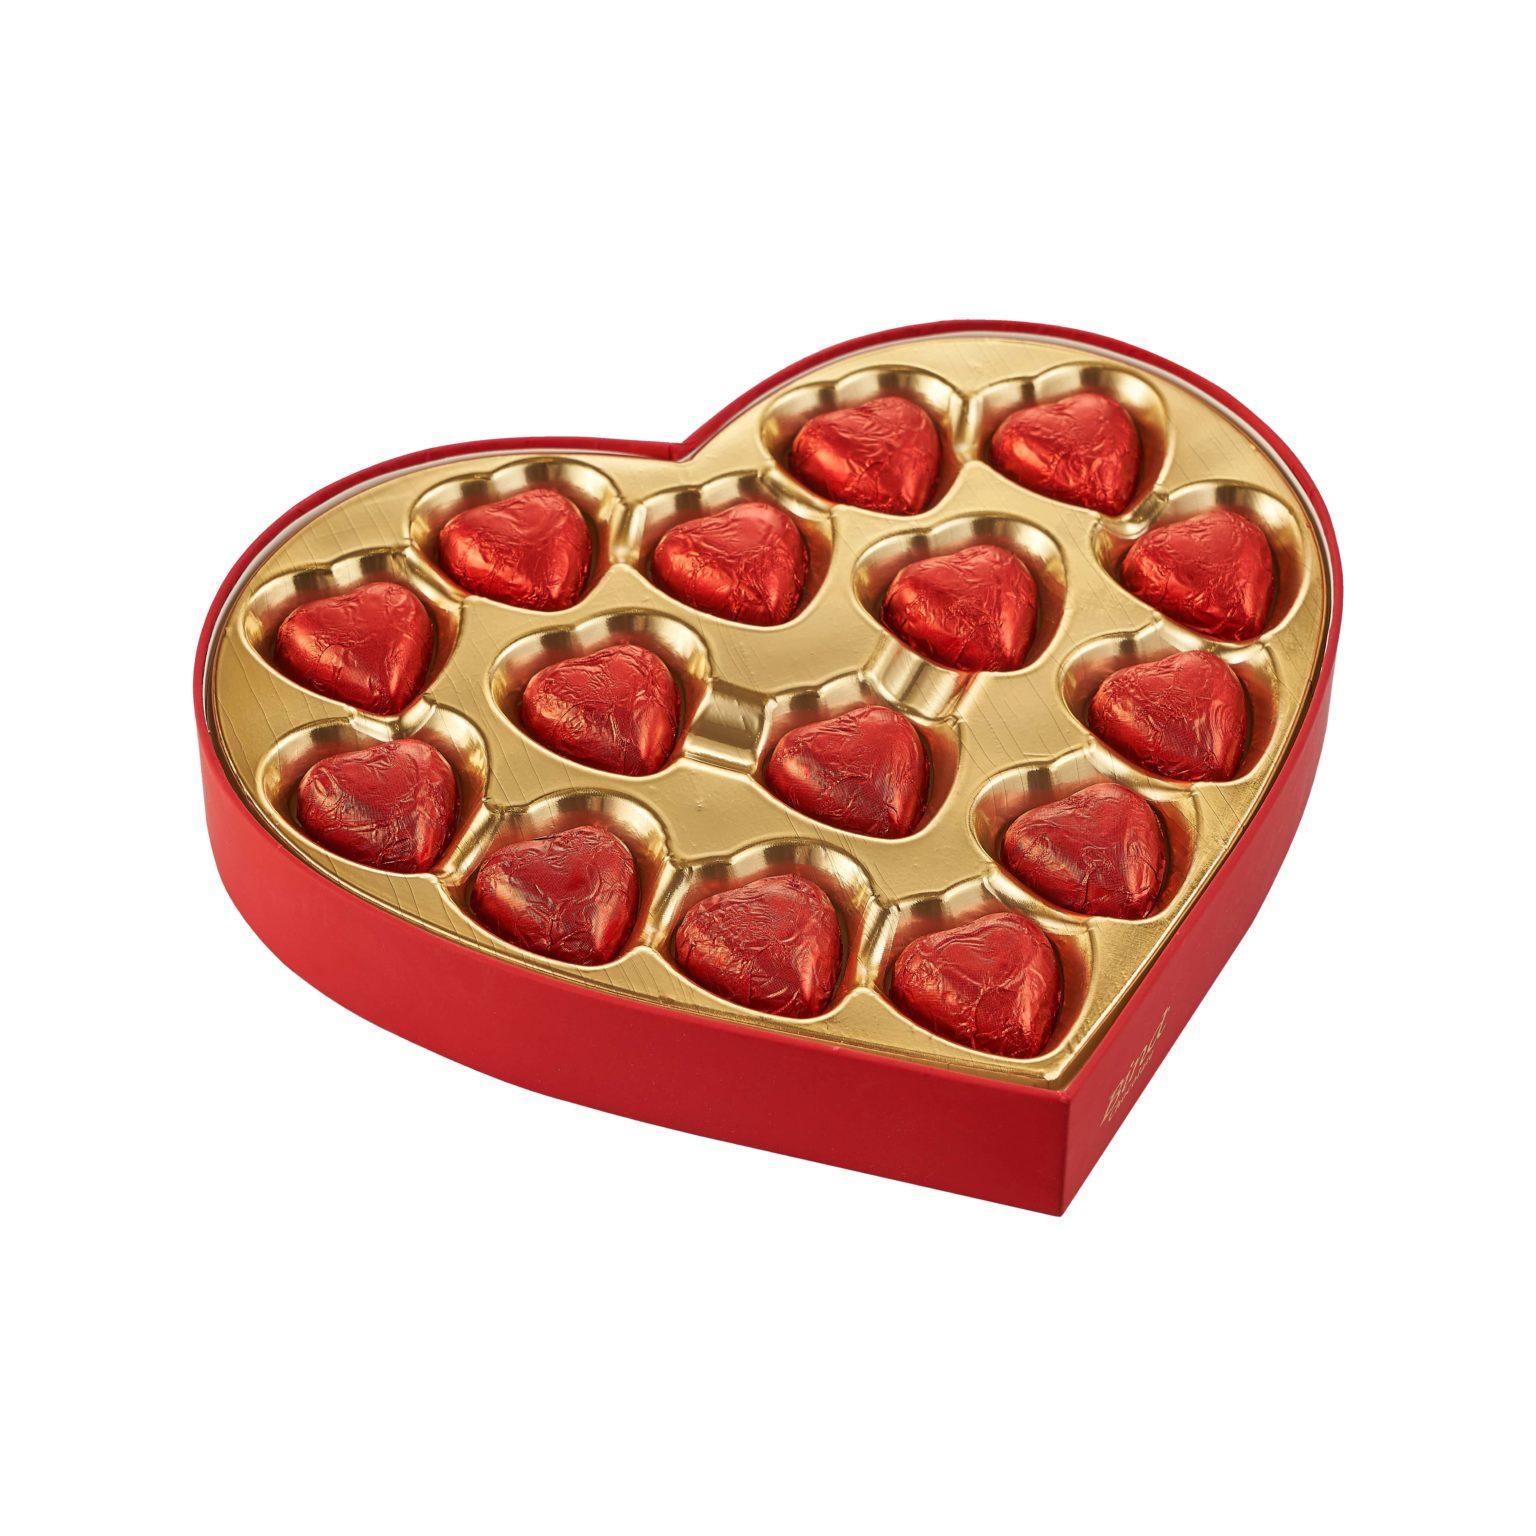 Подарочный набор шоколада Love в эксклюзивной упаковке